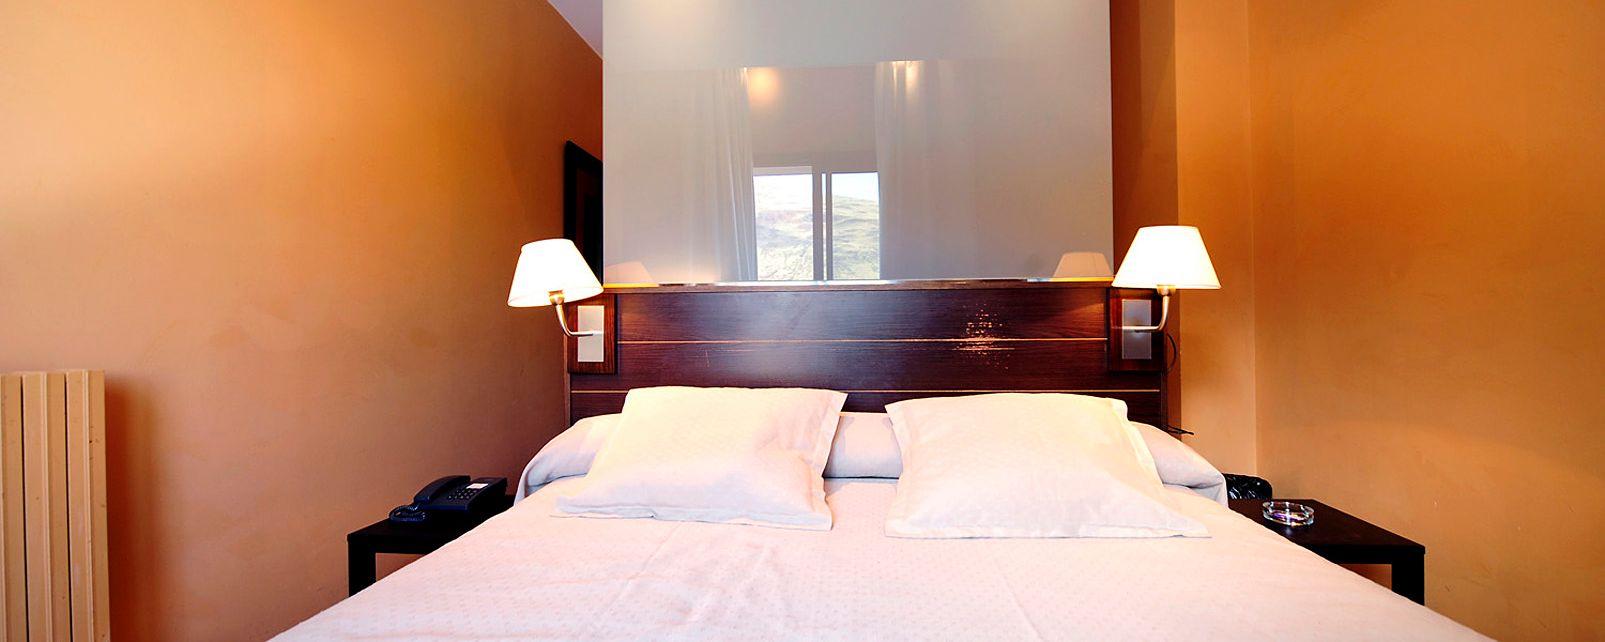 Hotel Reial Pirineus Pas de la Casa